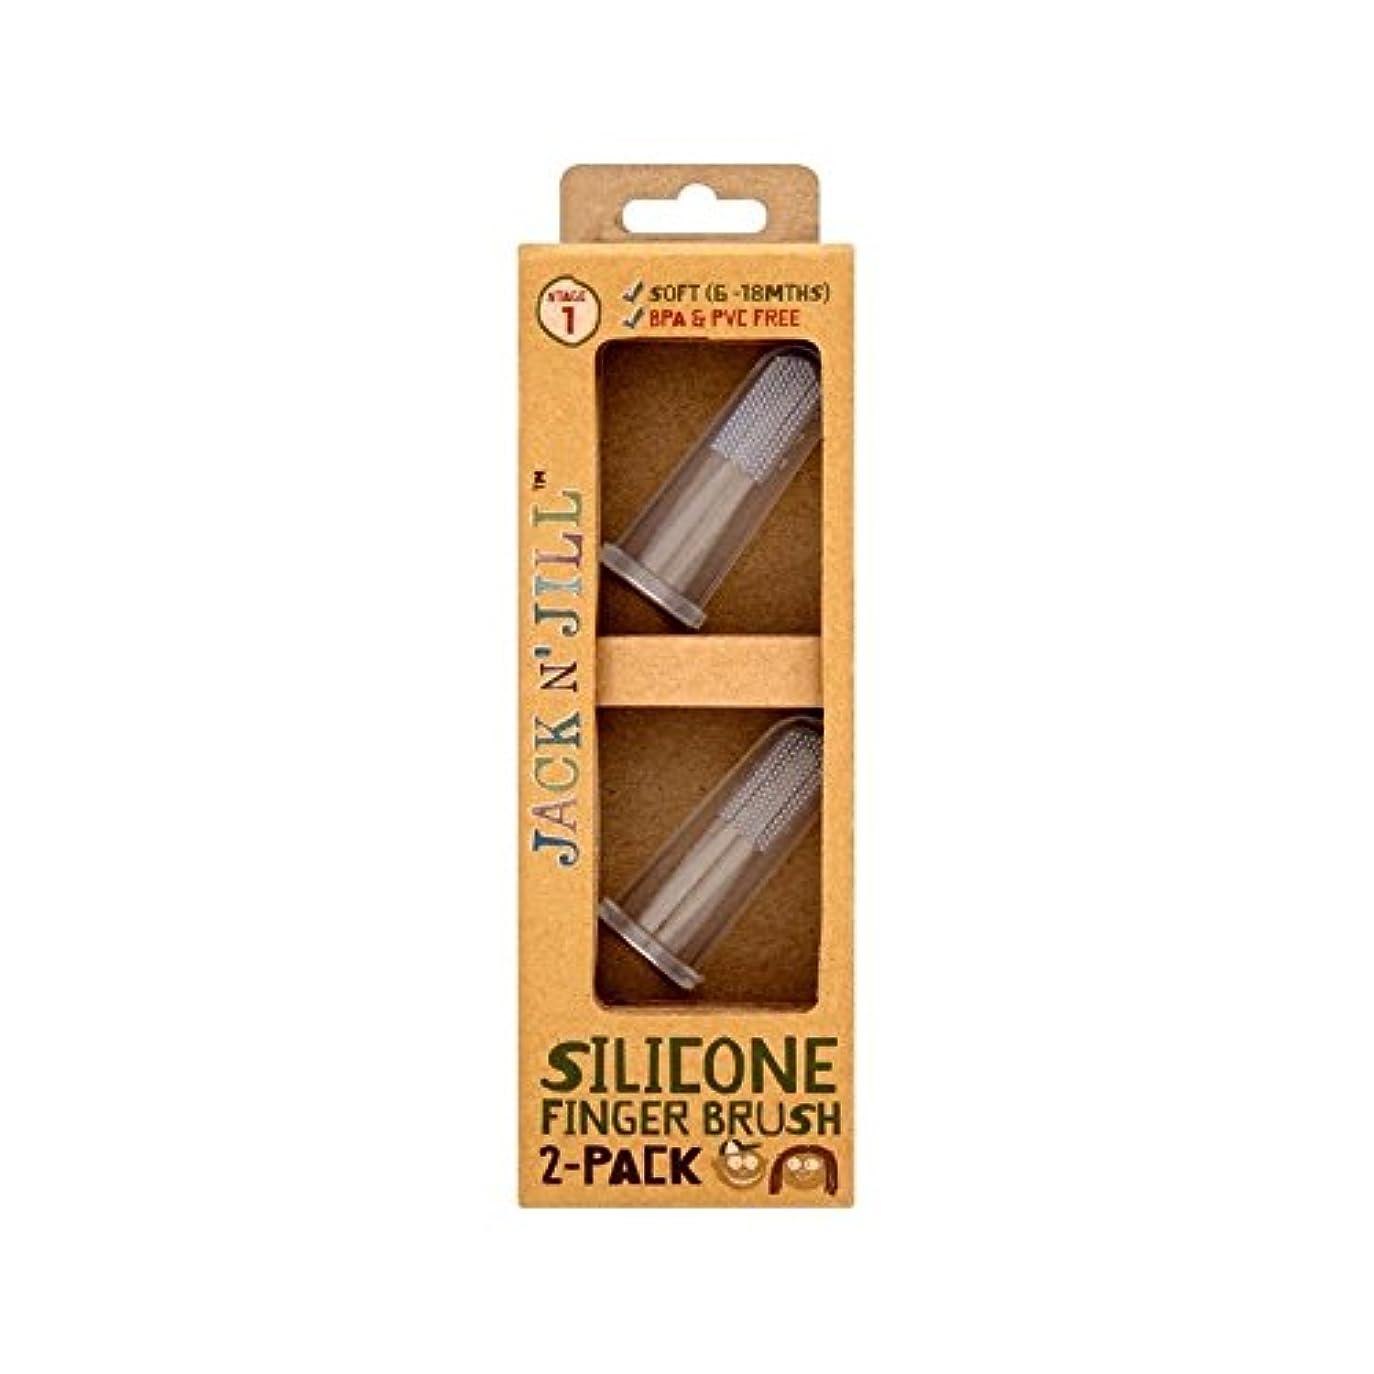 小間したがってトレイルシリコーン指ブラシ2パックあたりパック2 (Jack N Jill) - Jack N' Jill Silicone Finger Brush 2 Pack 2 per pack [並行輸入品]